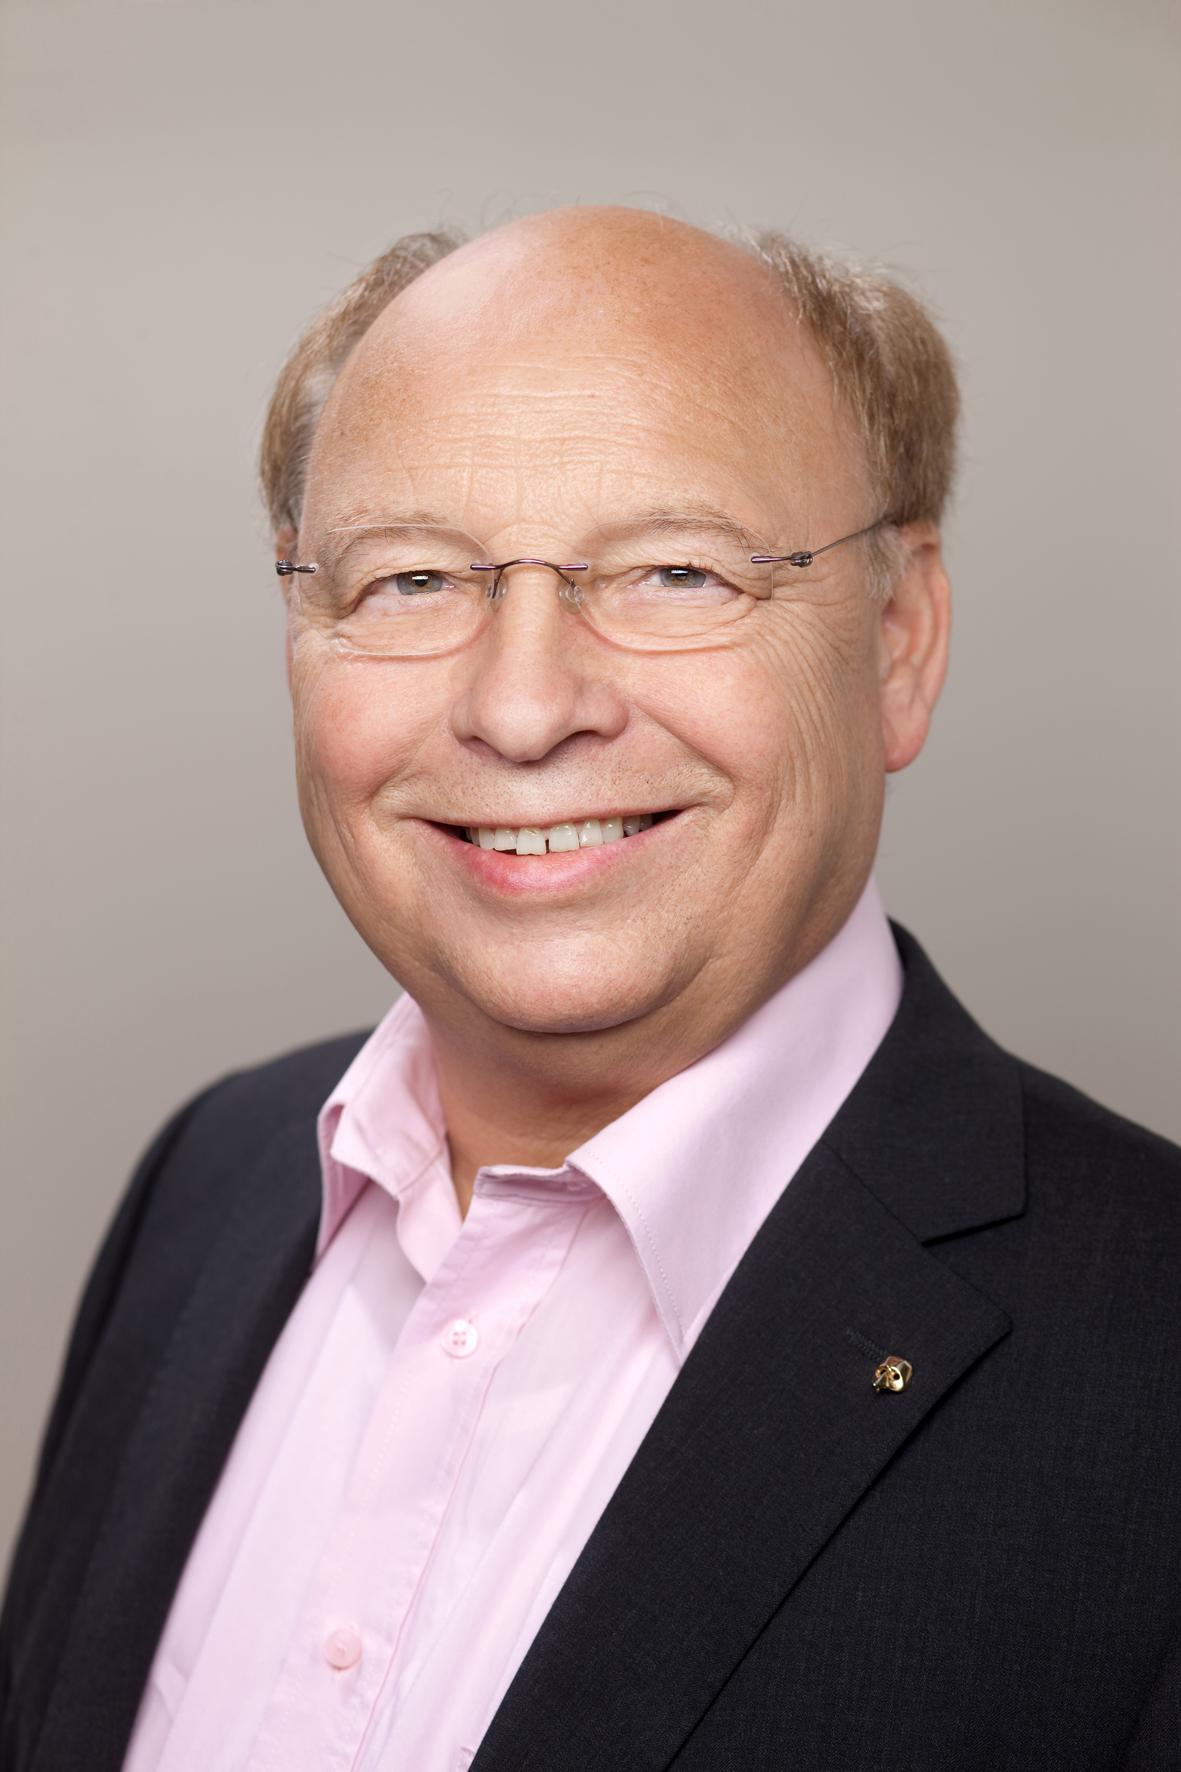 """Hans-Joachim Heist ist bekannt durch die ZDF-""""heute-show"""" als Kommentator Gernot Hassknecht. Foto: Veranstalter"""